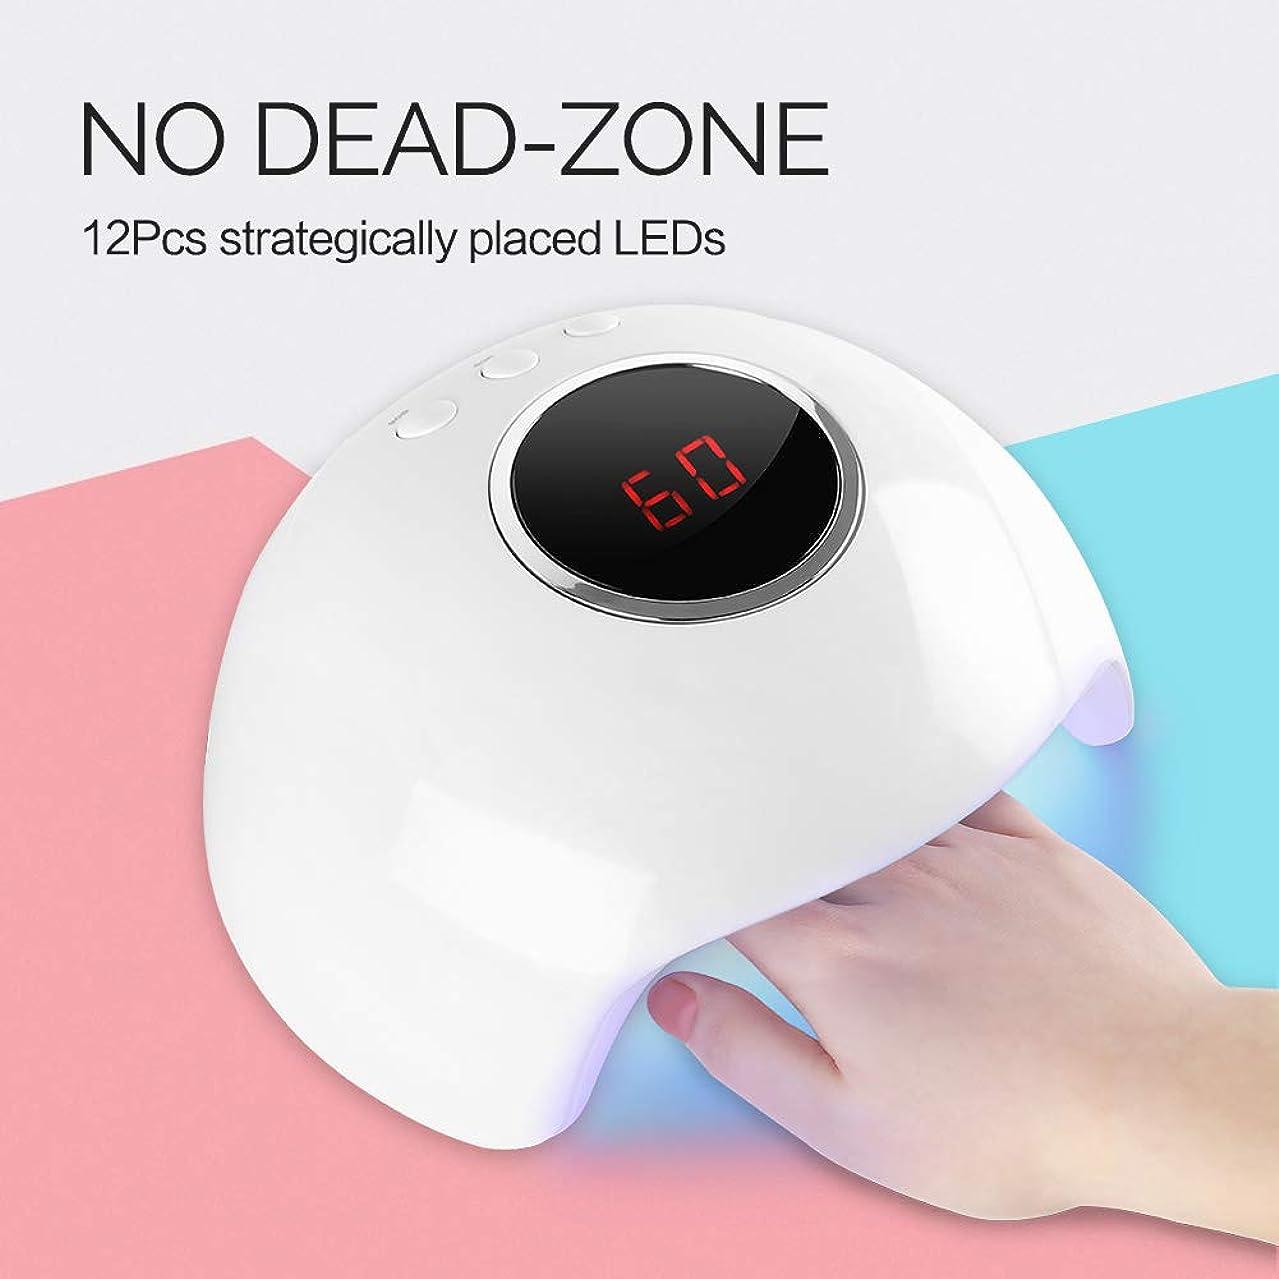 秘書テナント着るネイルUV/LEDライト 硬化用ライト タイマー設定可能 パーツ ネイルledドライヤー 24W 分かりやすい説明書付き